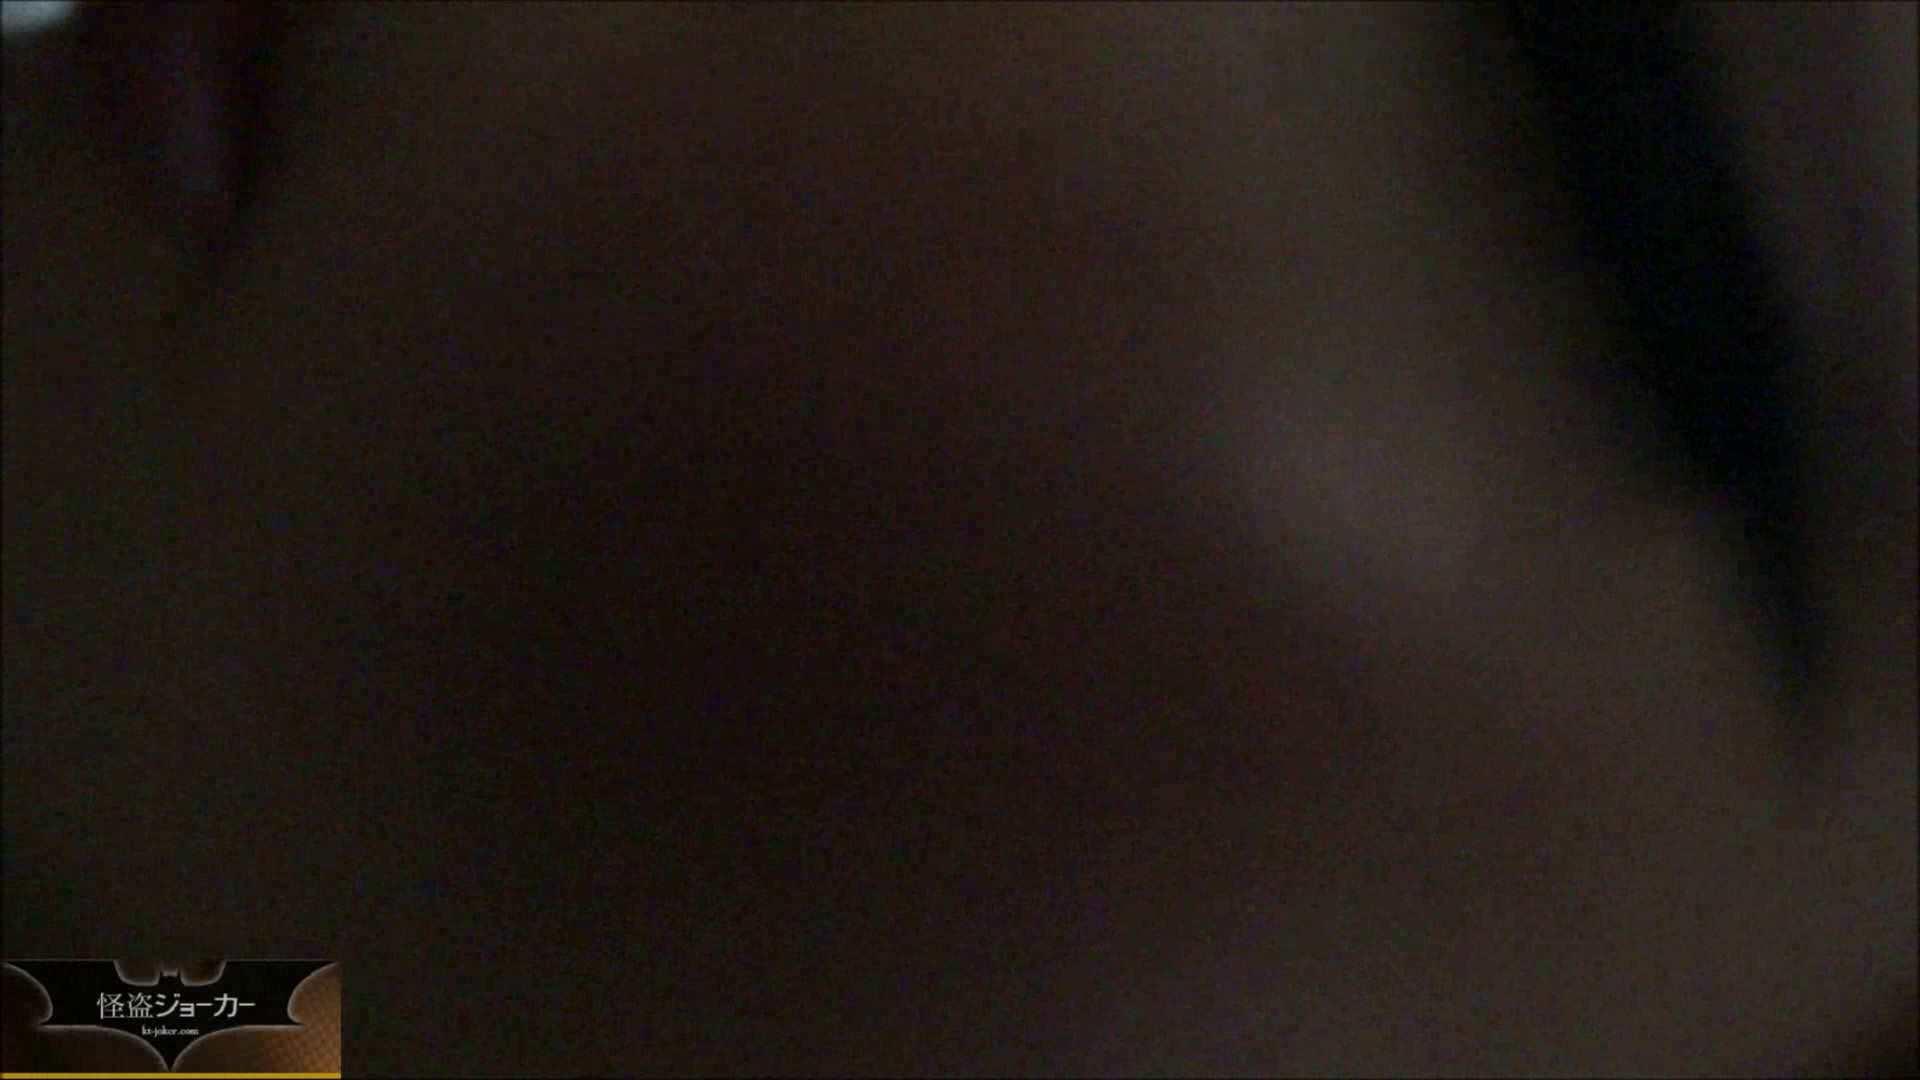 【未公開】vol.1 【ユリナの実女市・ヒトミ】若ママを目民らせて・・・ いじくり   高画質動画  70画像 49